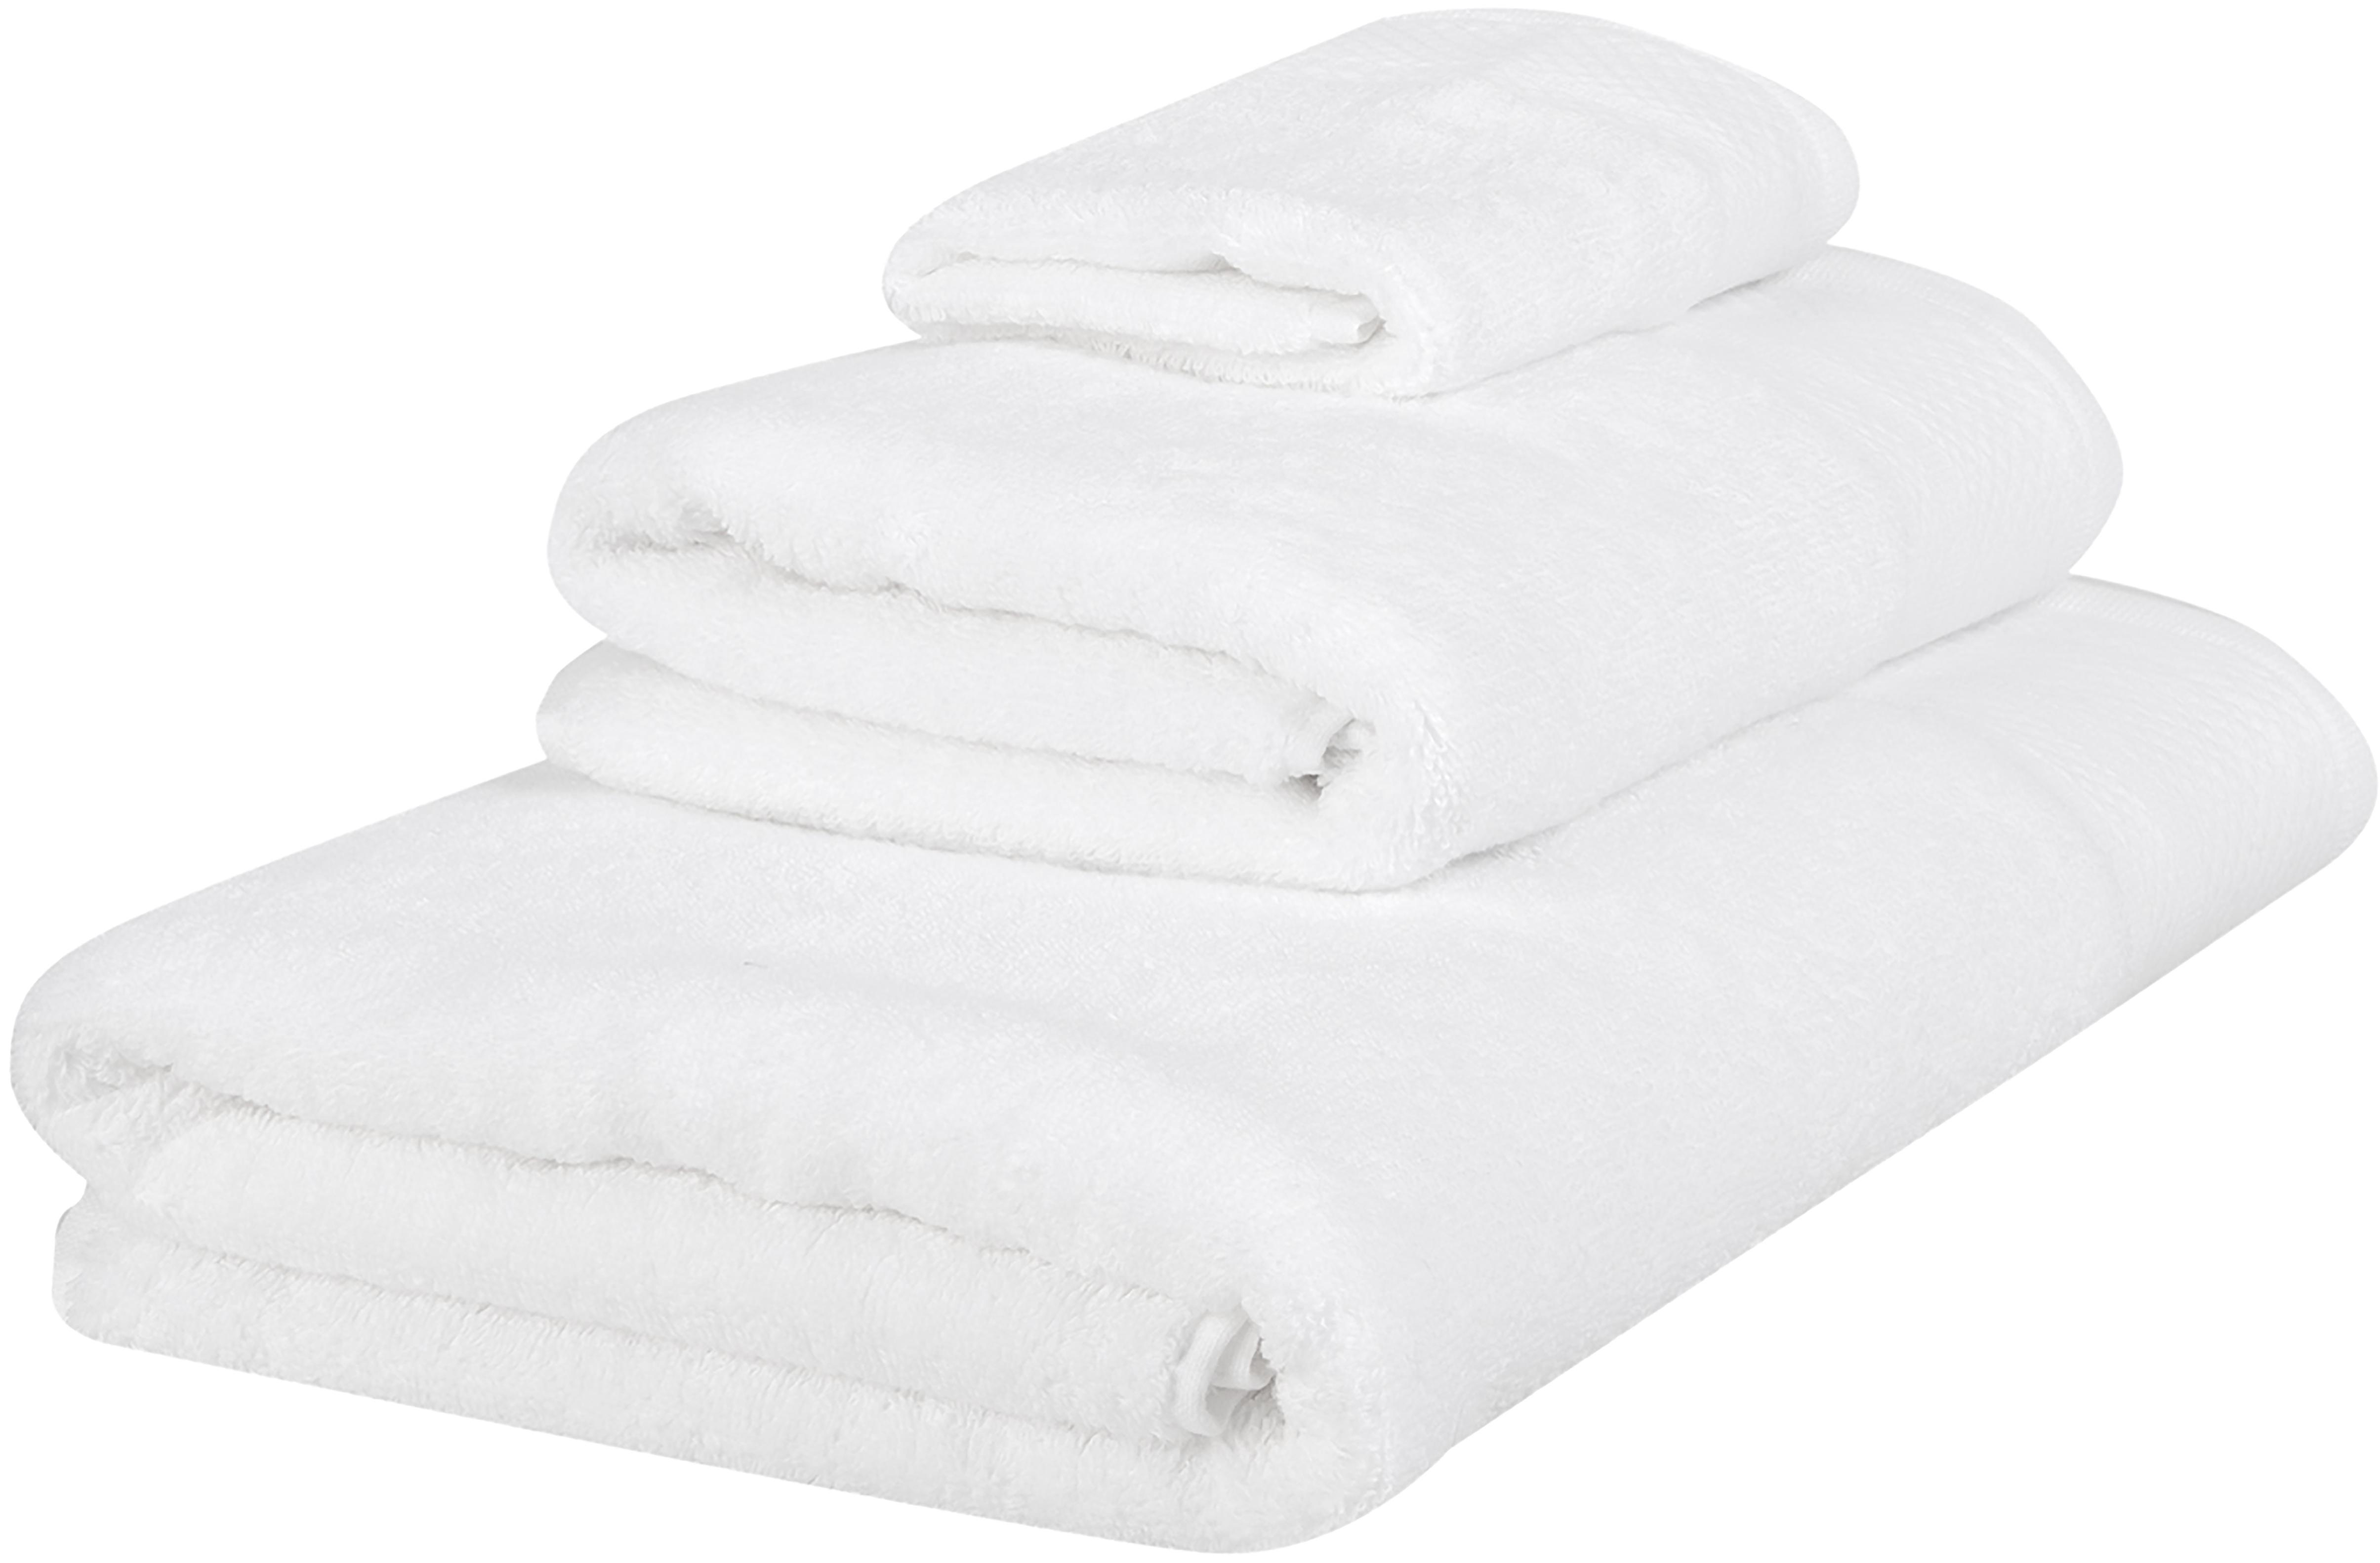 Komplet ręczników Premium, 3 elem., 100% bawełna, wysoka jakość 600 g/m², Biały, Różne rozmiary